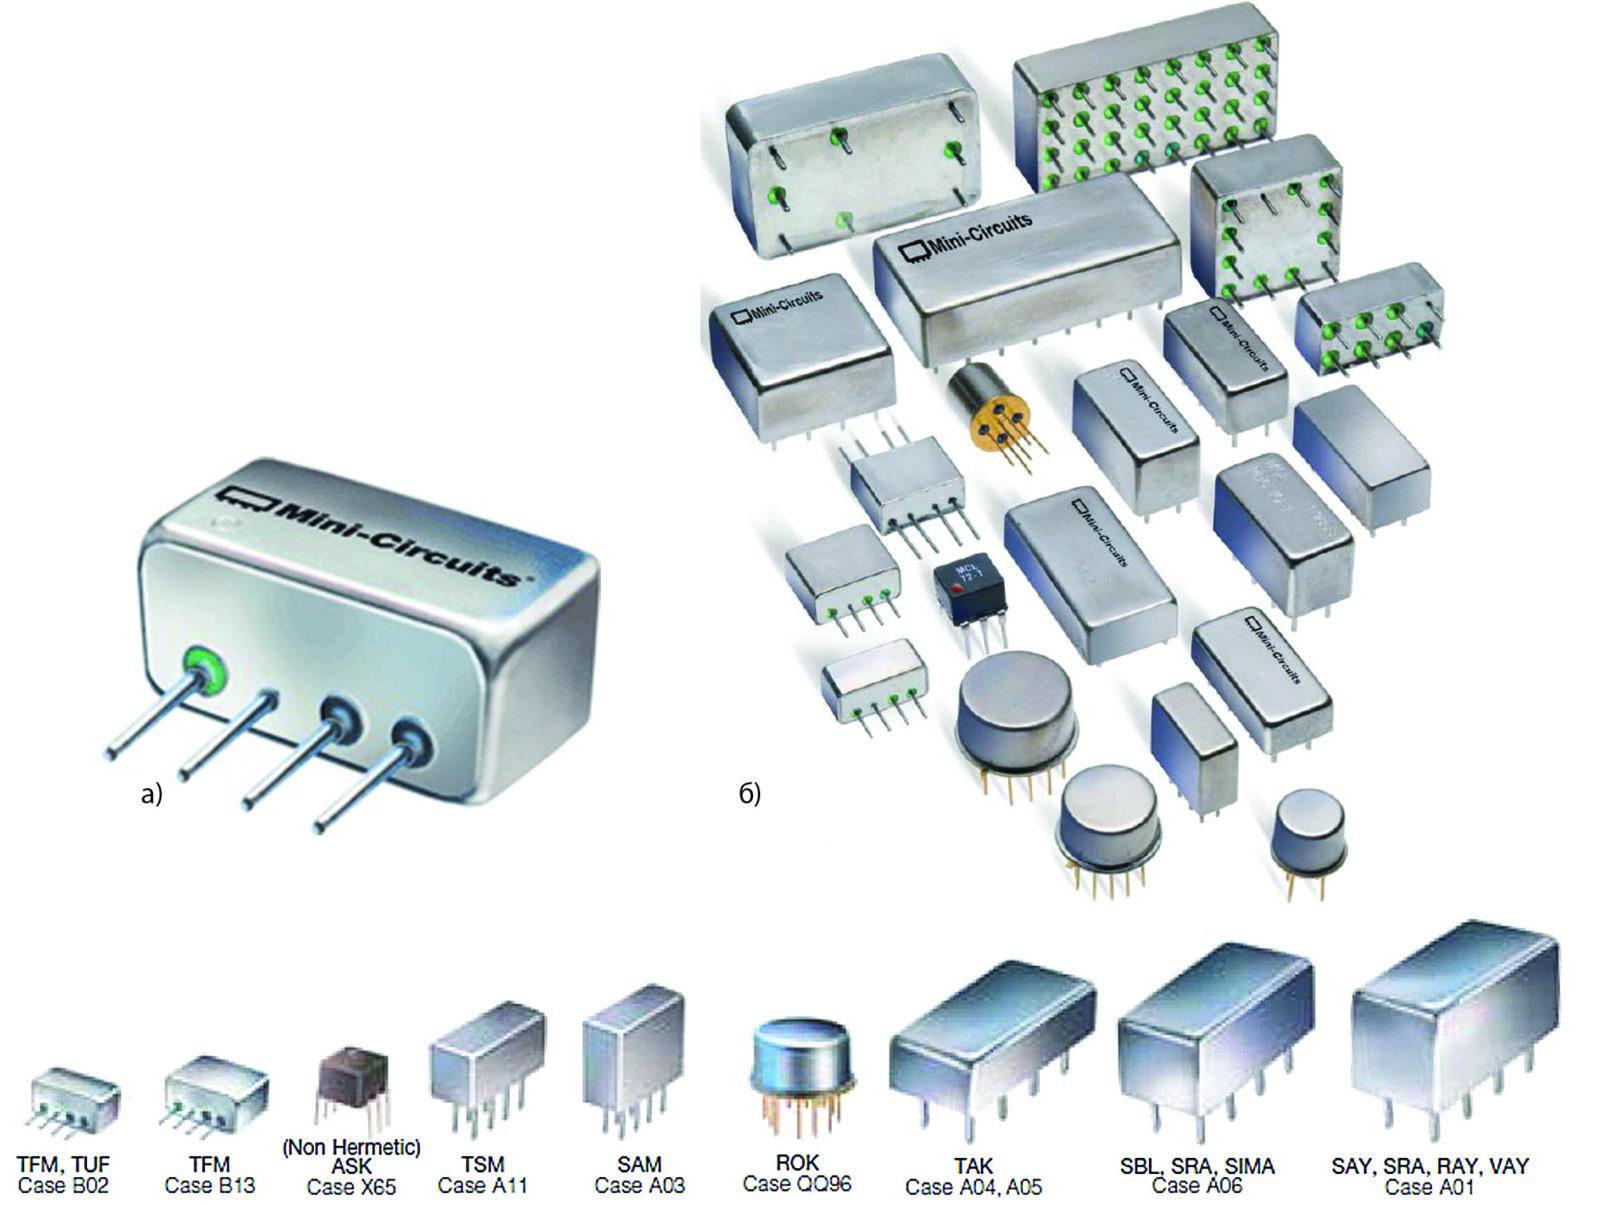 Компоненты во вставном (Plug In) исполнении, предлагаемые компанией Mini-Circuits